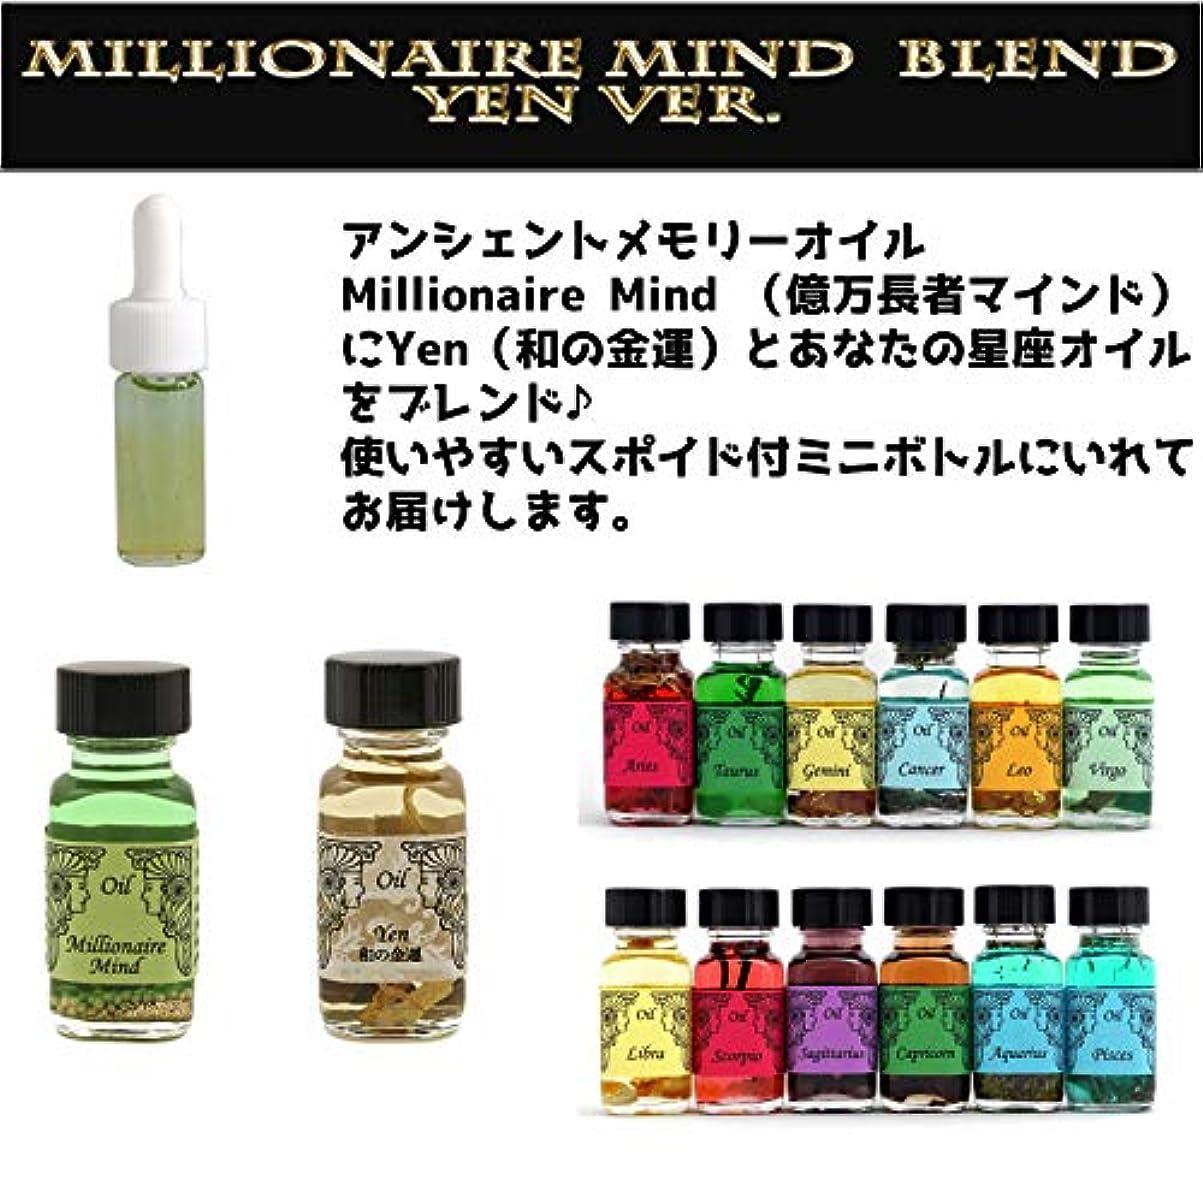 カメラ貫入販売計画アンシェントメモリーオイル Millionaire Mind 億万長者マインド ブレンド【Yen 和の金運&さそり座】